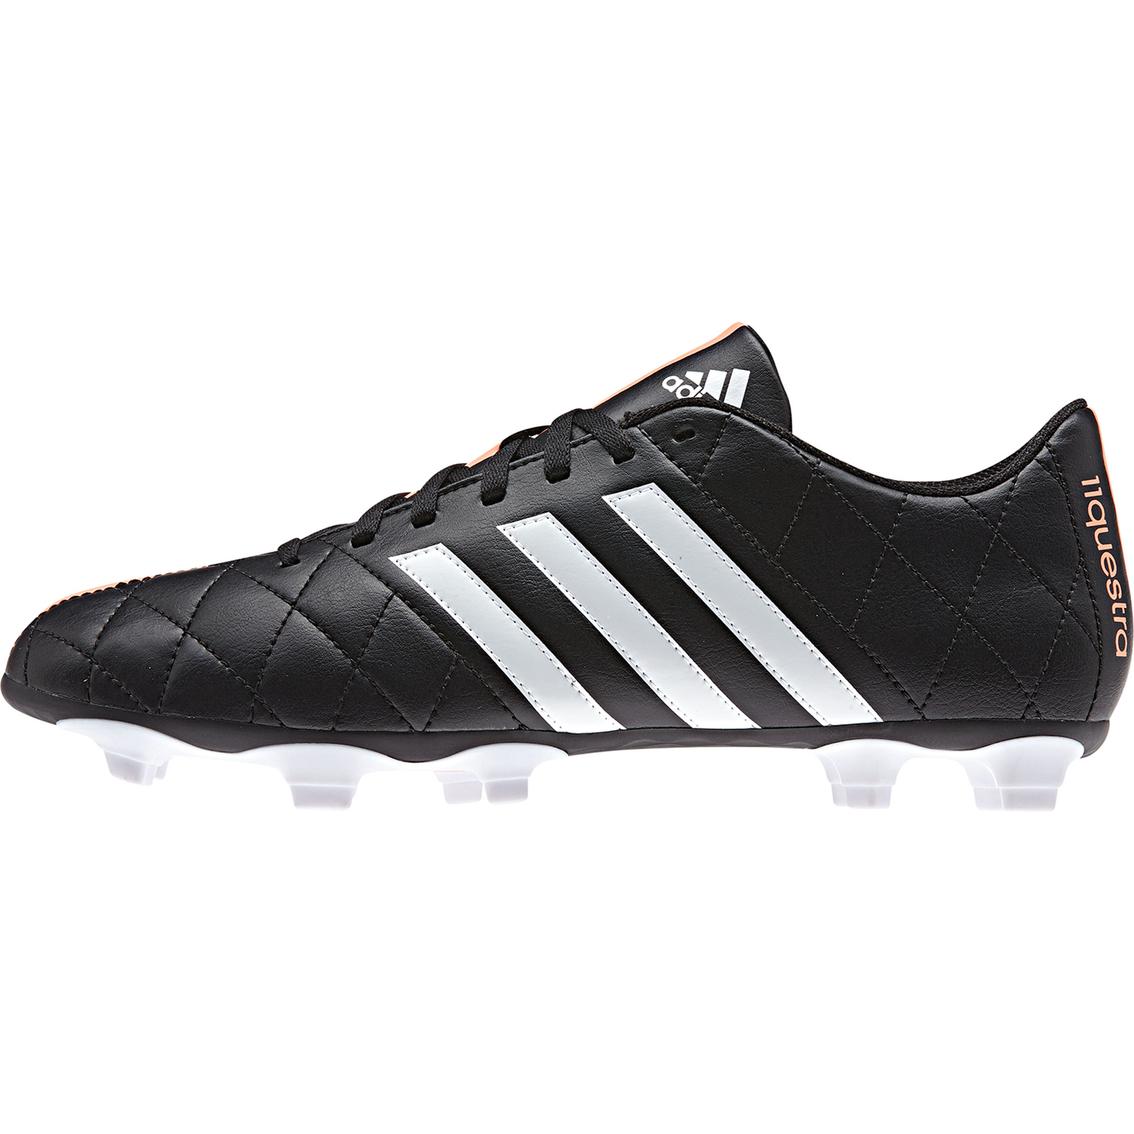 ac6e43a2fd8 Adidas Men s 11 Questra Fg Soccer Cleats